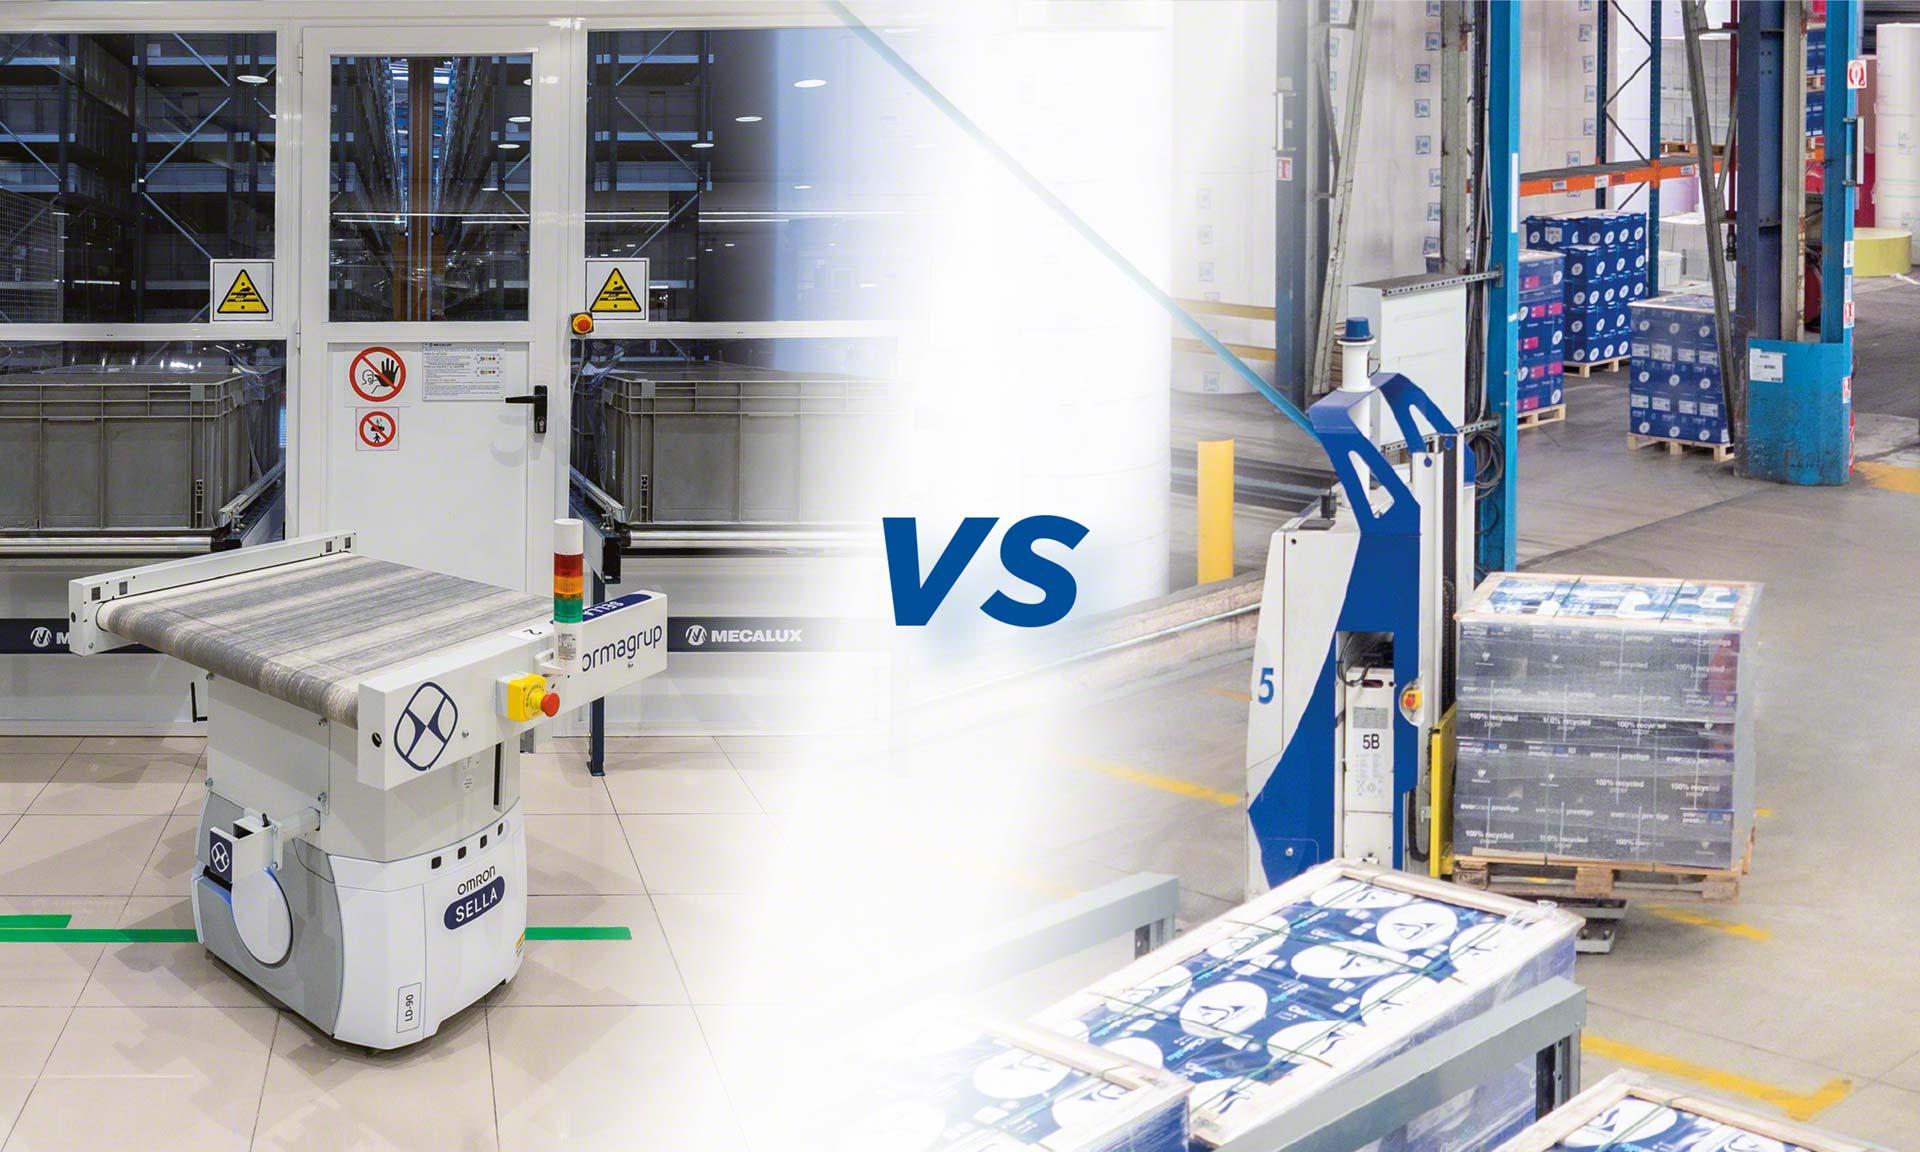 Les AGV et AMR sont des systèmes automatisés de transport de marchandises performants